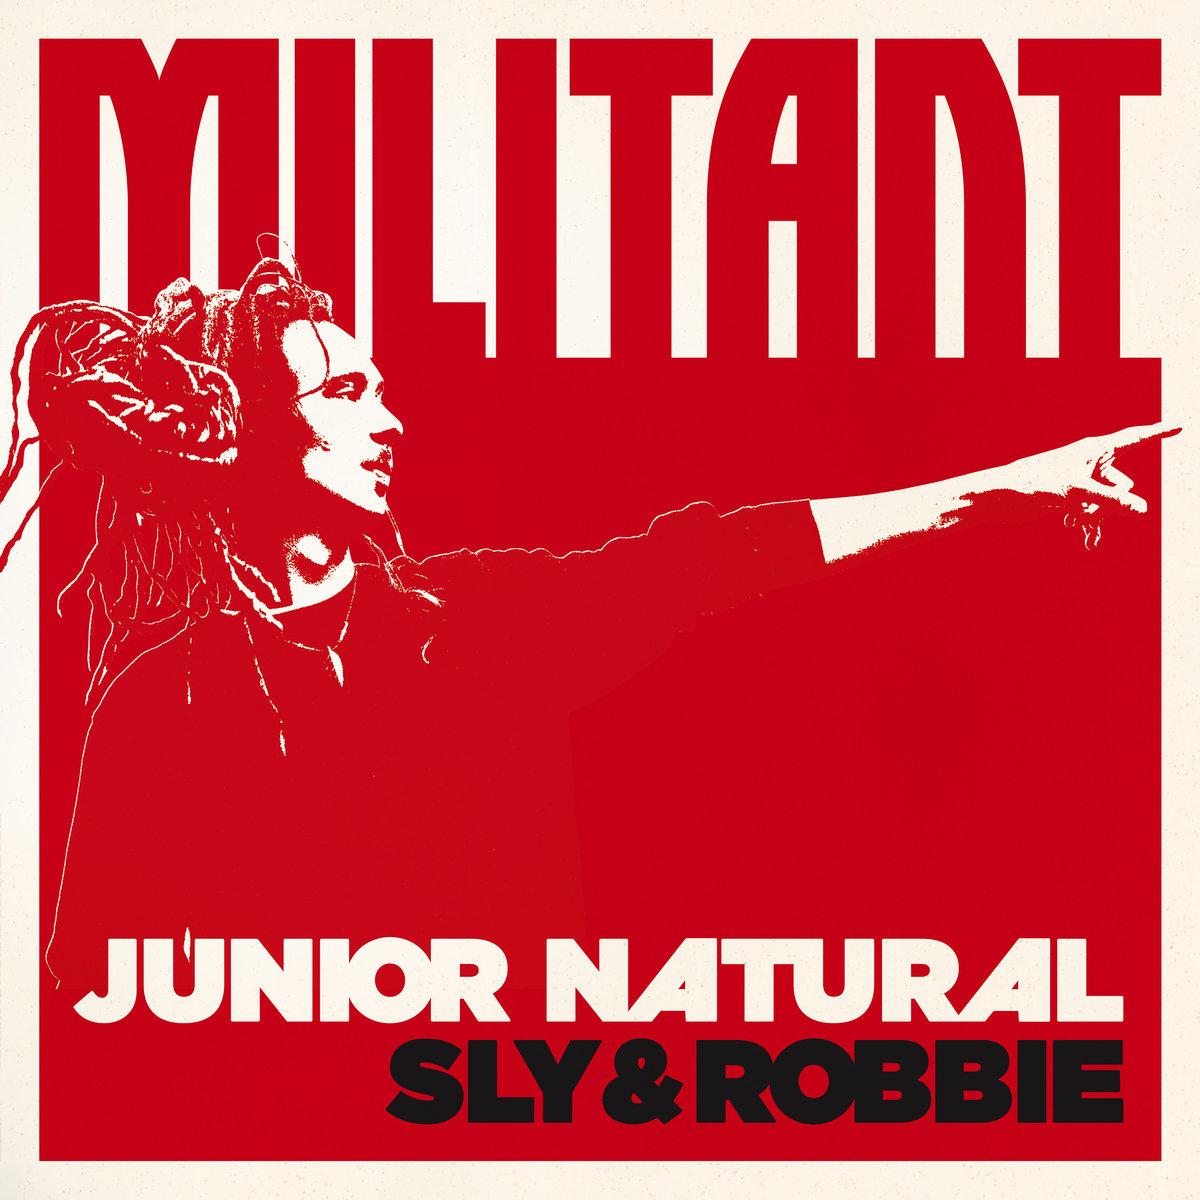 Bildresultat för junior natural militant